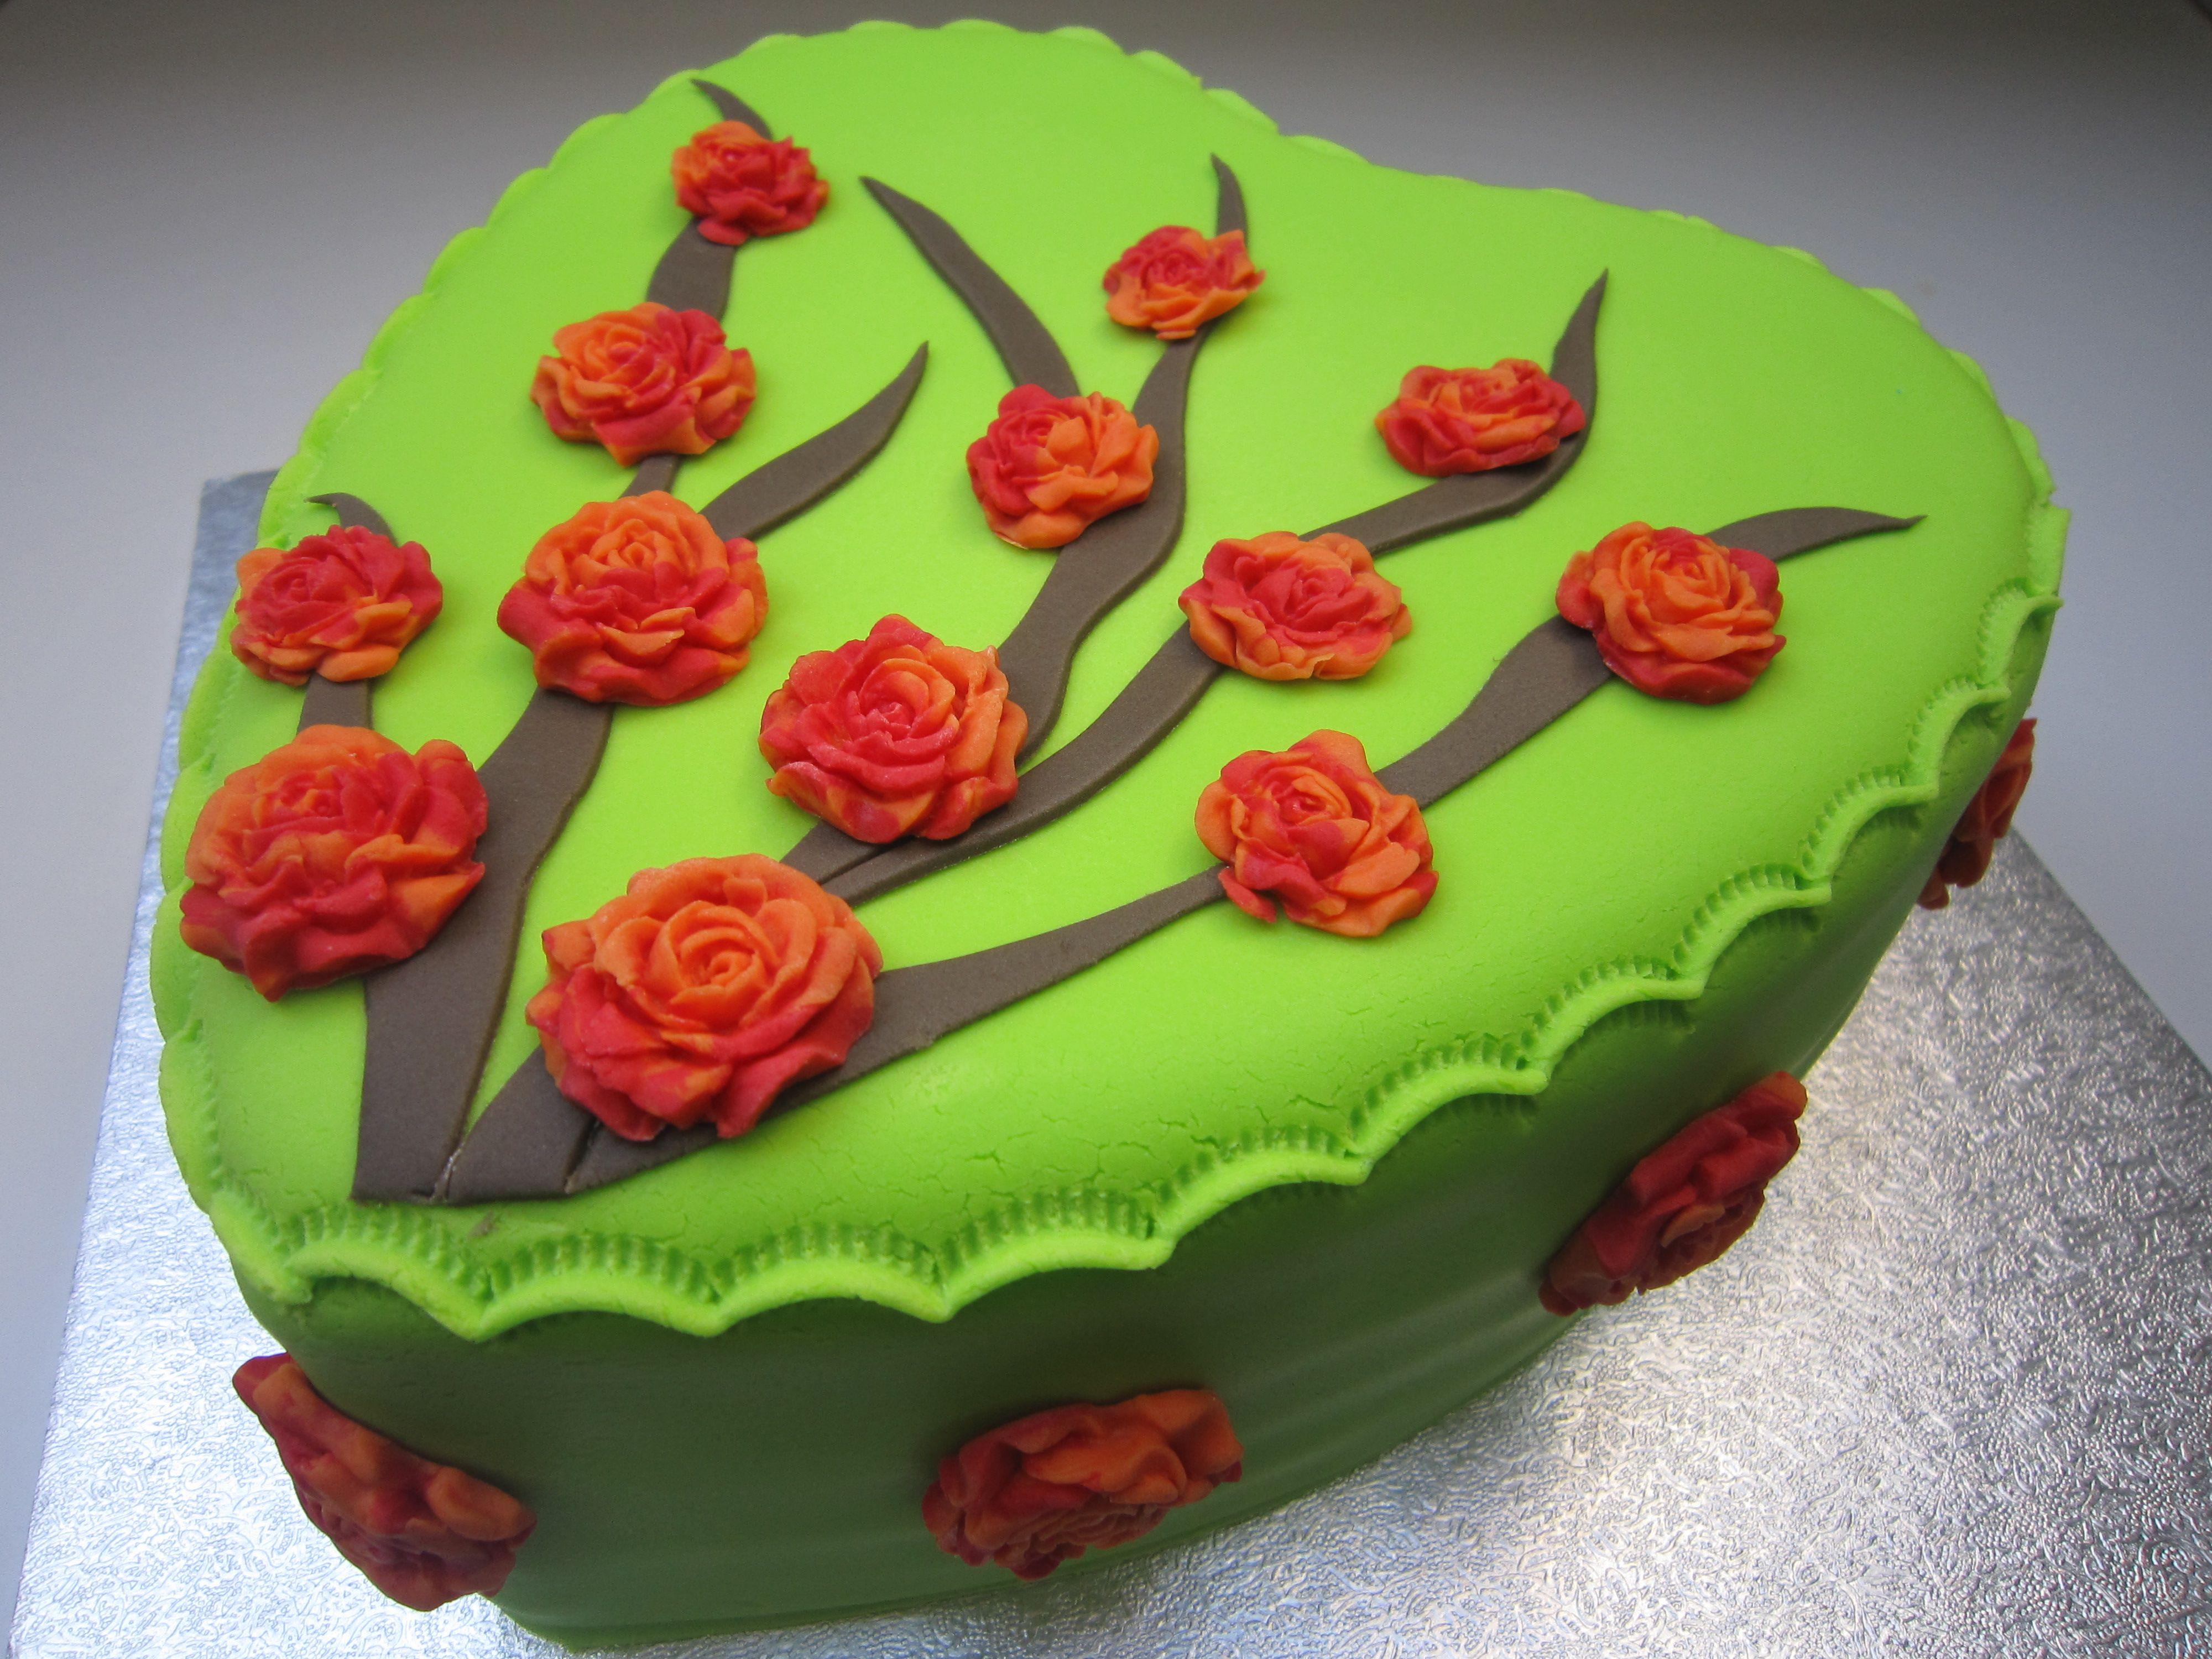 taart groen Cake / taart/ heart / hart / rozen / roses / green / groen / red  taart groen